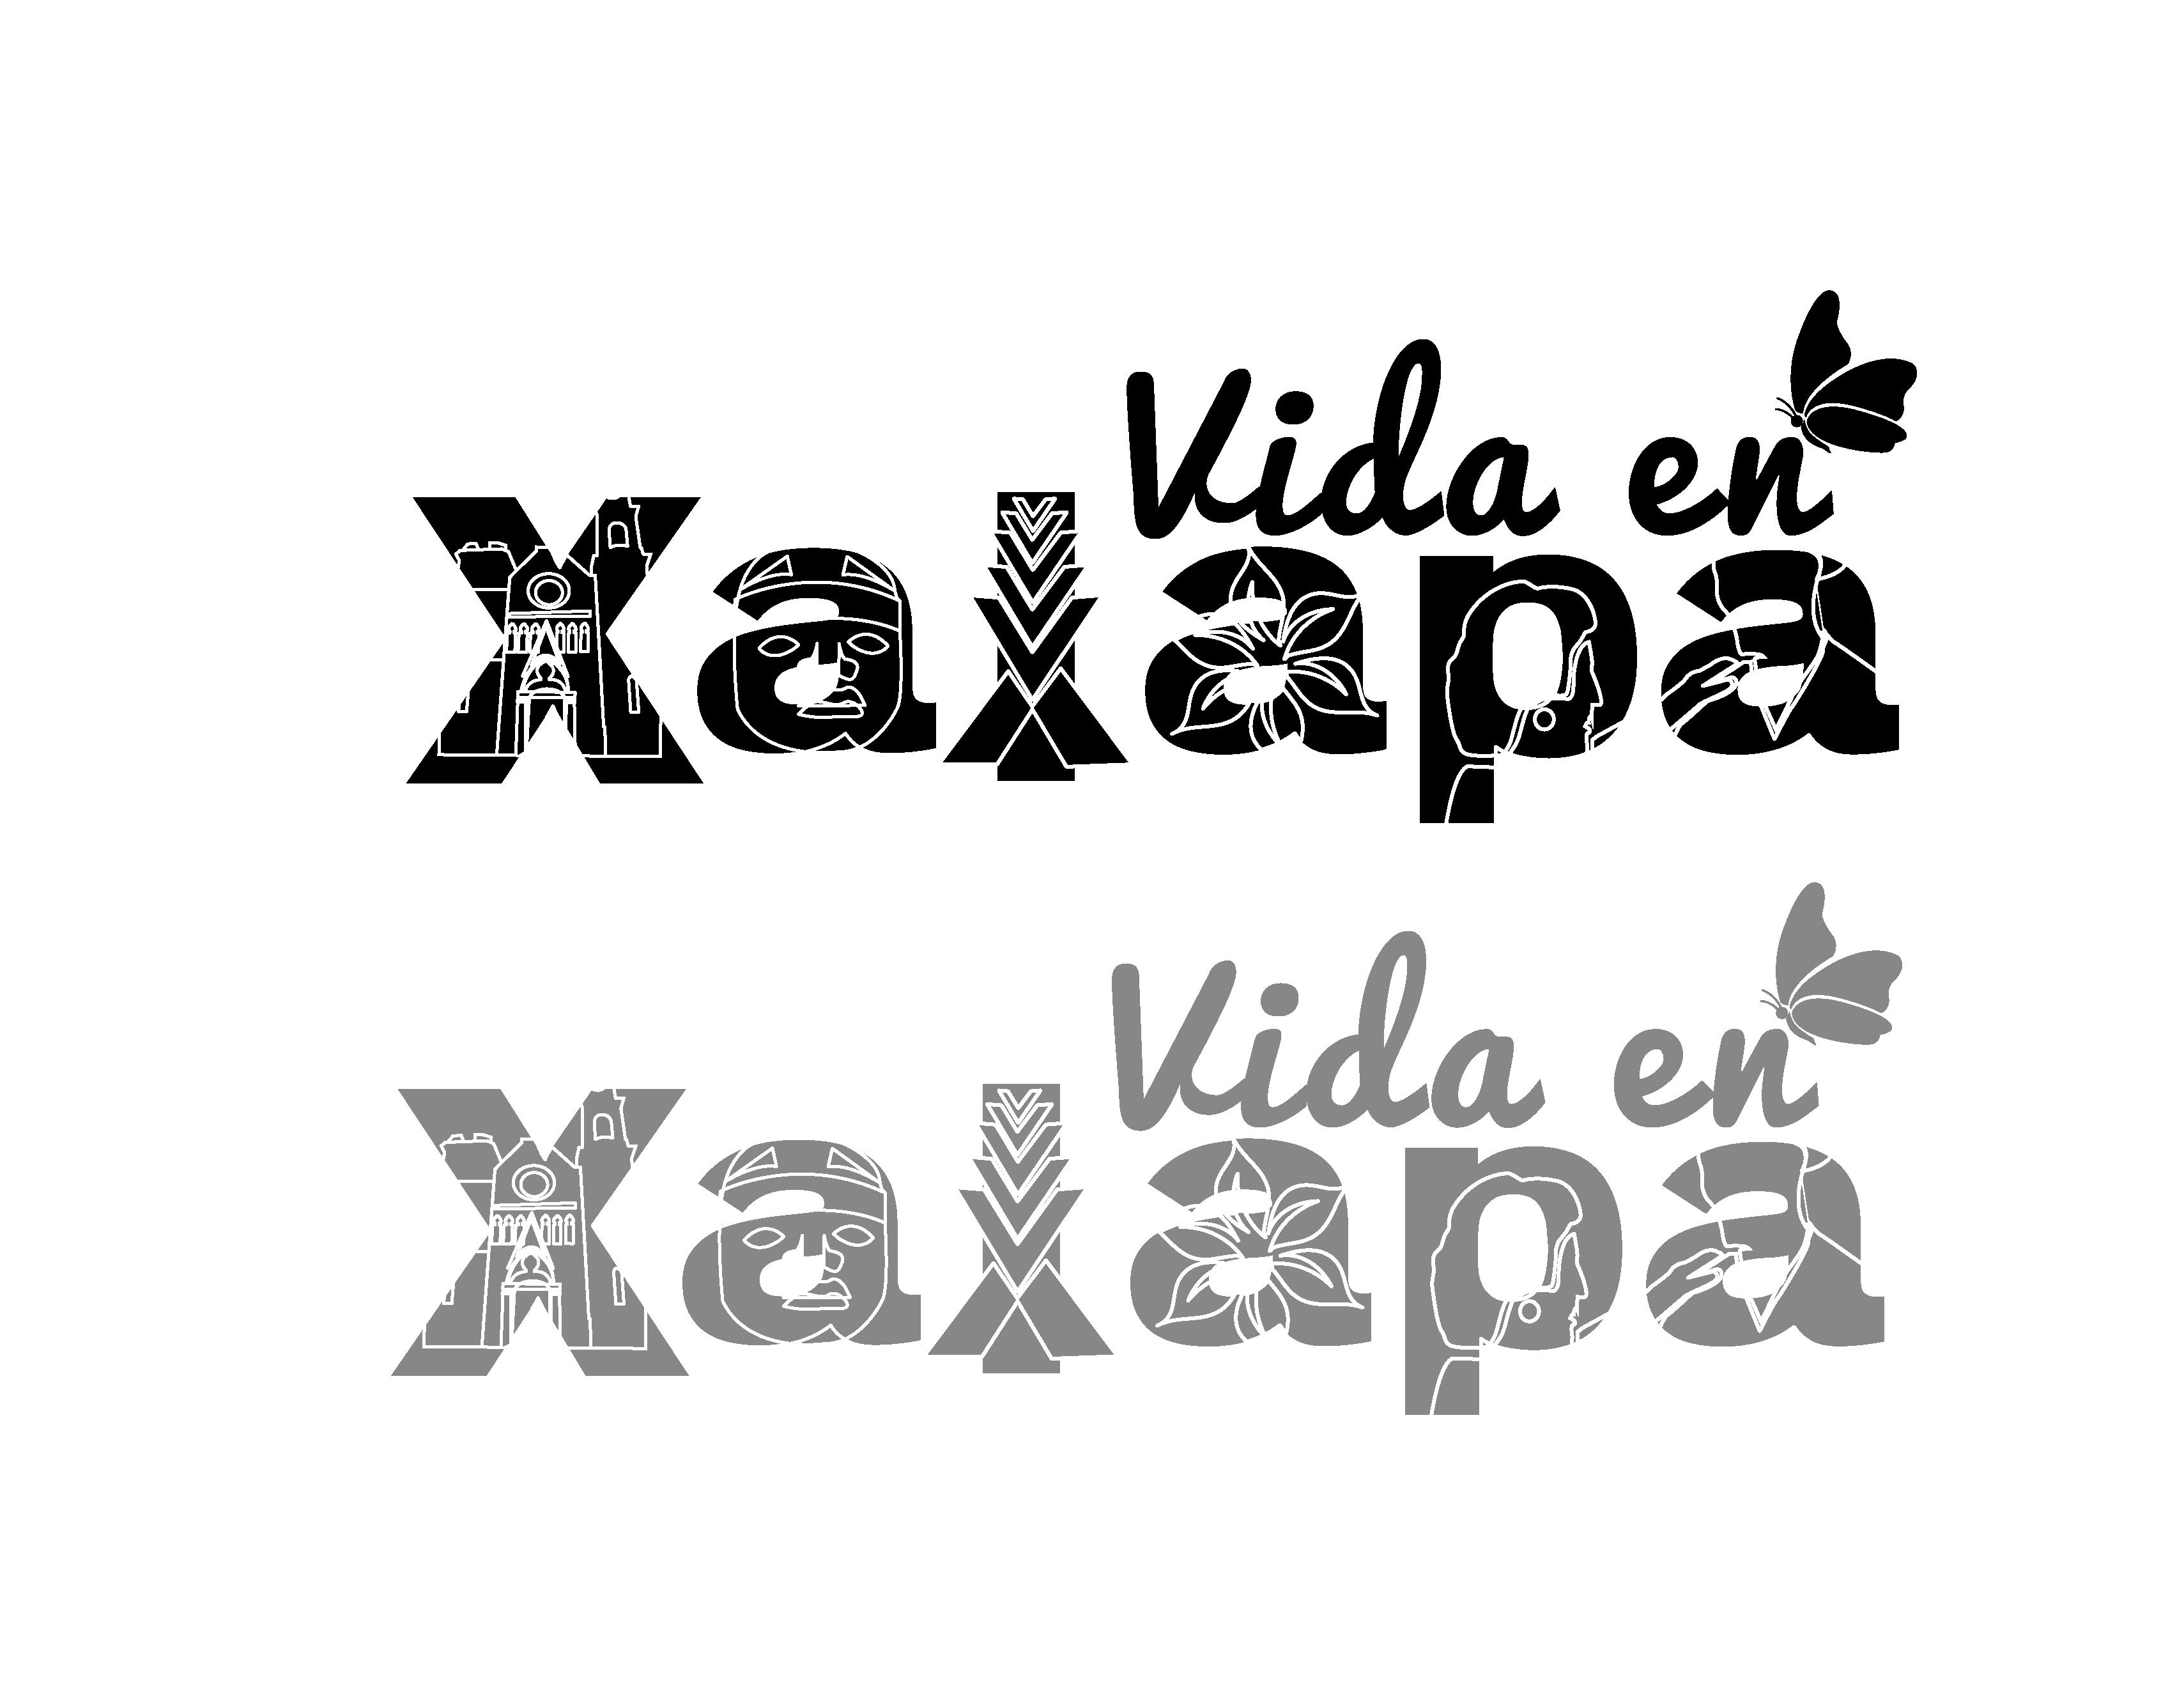 Vida en Xalapa